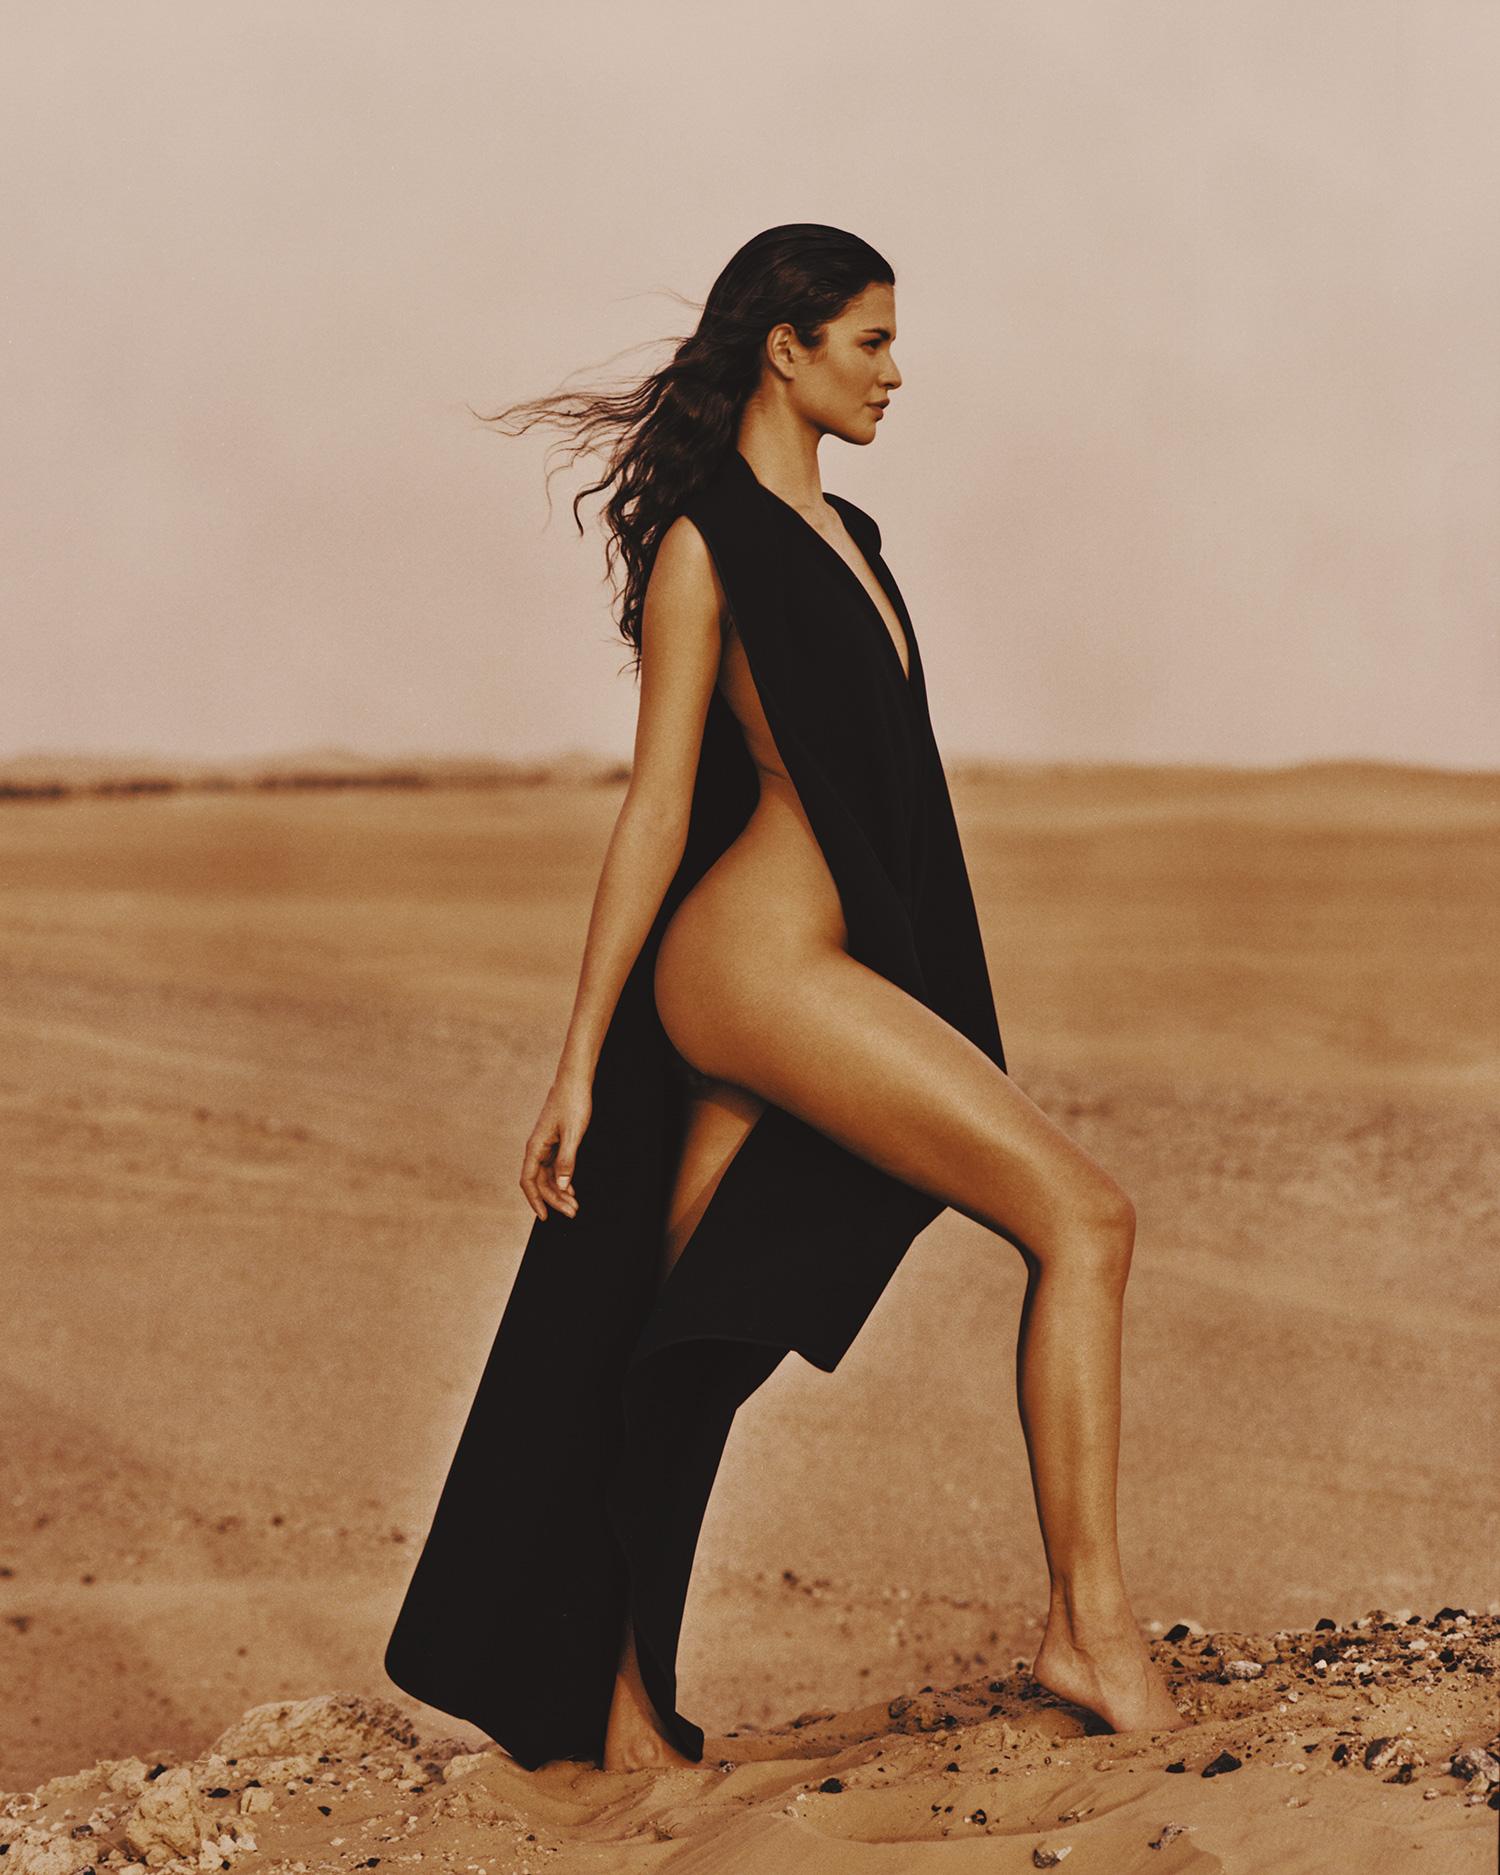 Fernanda Chaves by Greg Adamski for Factice Magazine